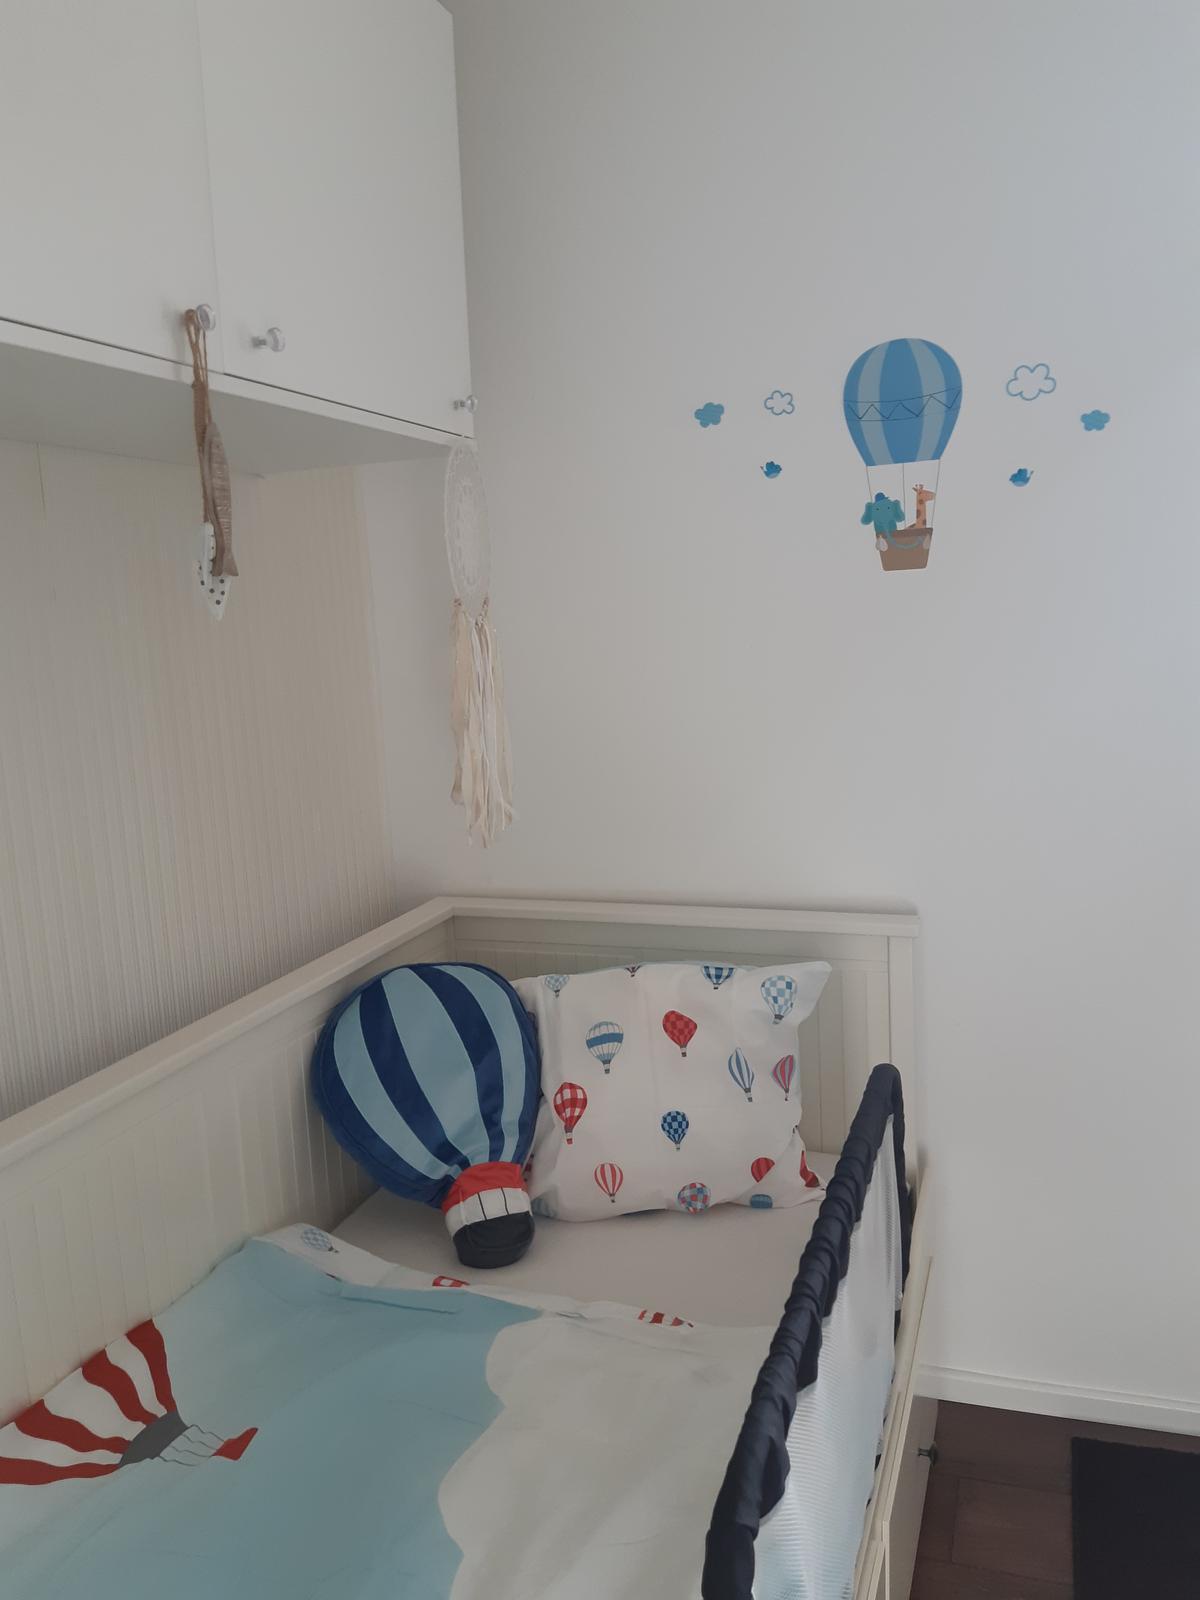 Malý, ale môj. :-) - Este tak synatora presvedcit, ze uz je velky a bude spavat vo velkej posteli.